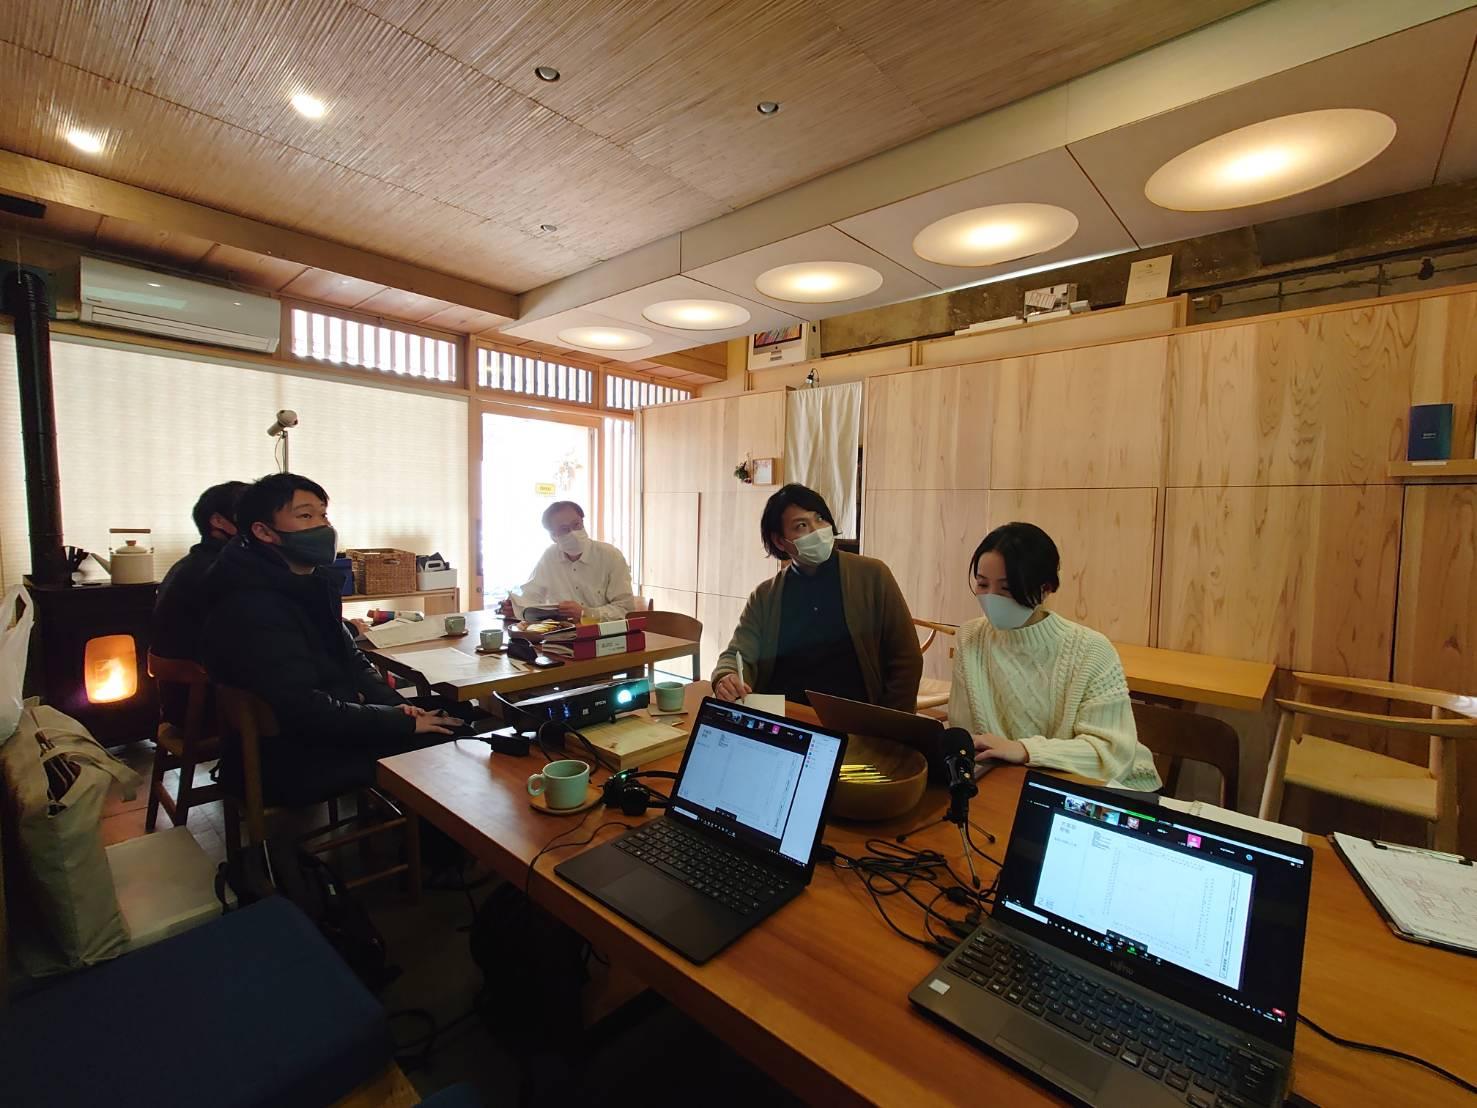 大阪市 詳細調査のプレミーティング【詳細調査】